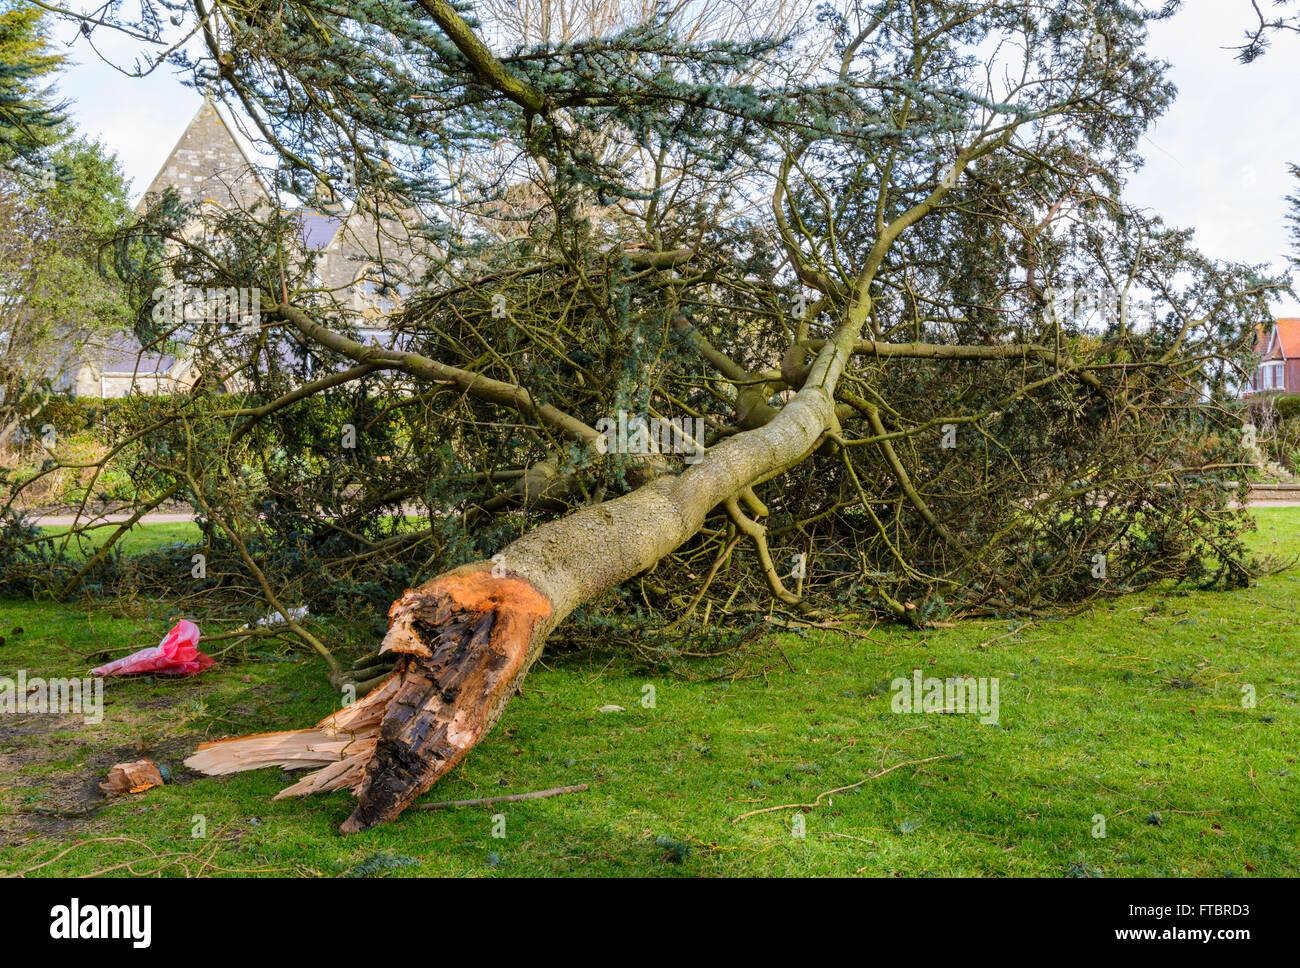 Struttura danneggiata. Il ramo di un albero rotto dal tronco principale durante tempeste nel West Sussex, in Inghilterra, Immagini Stock